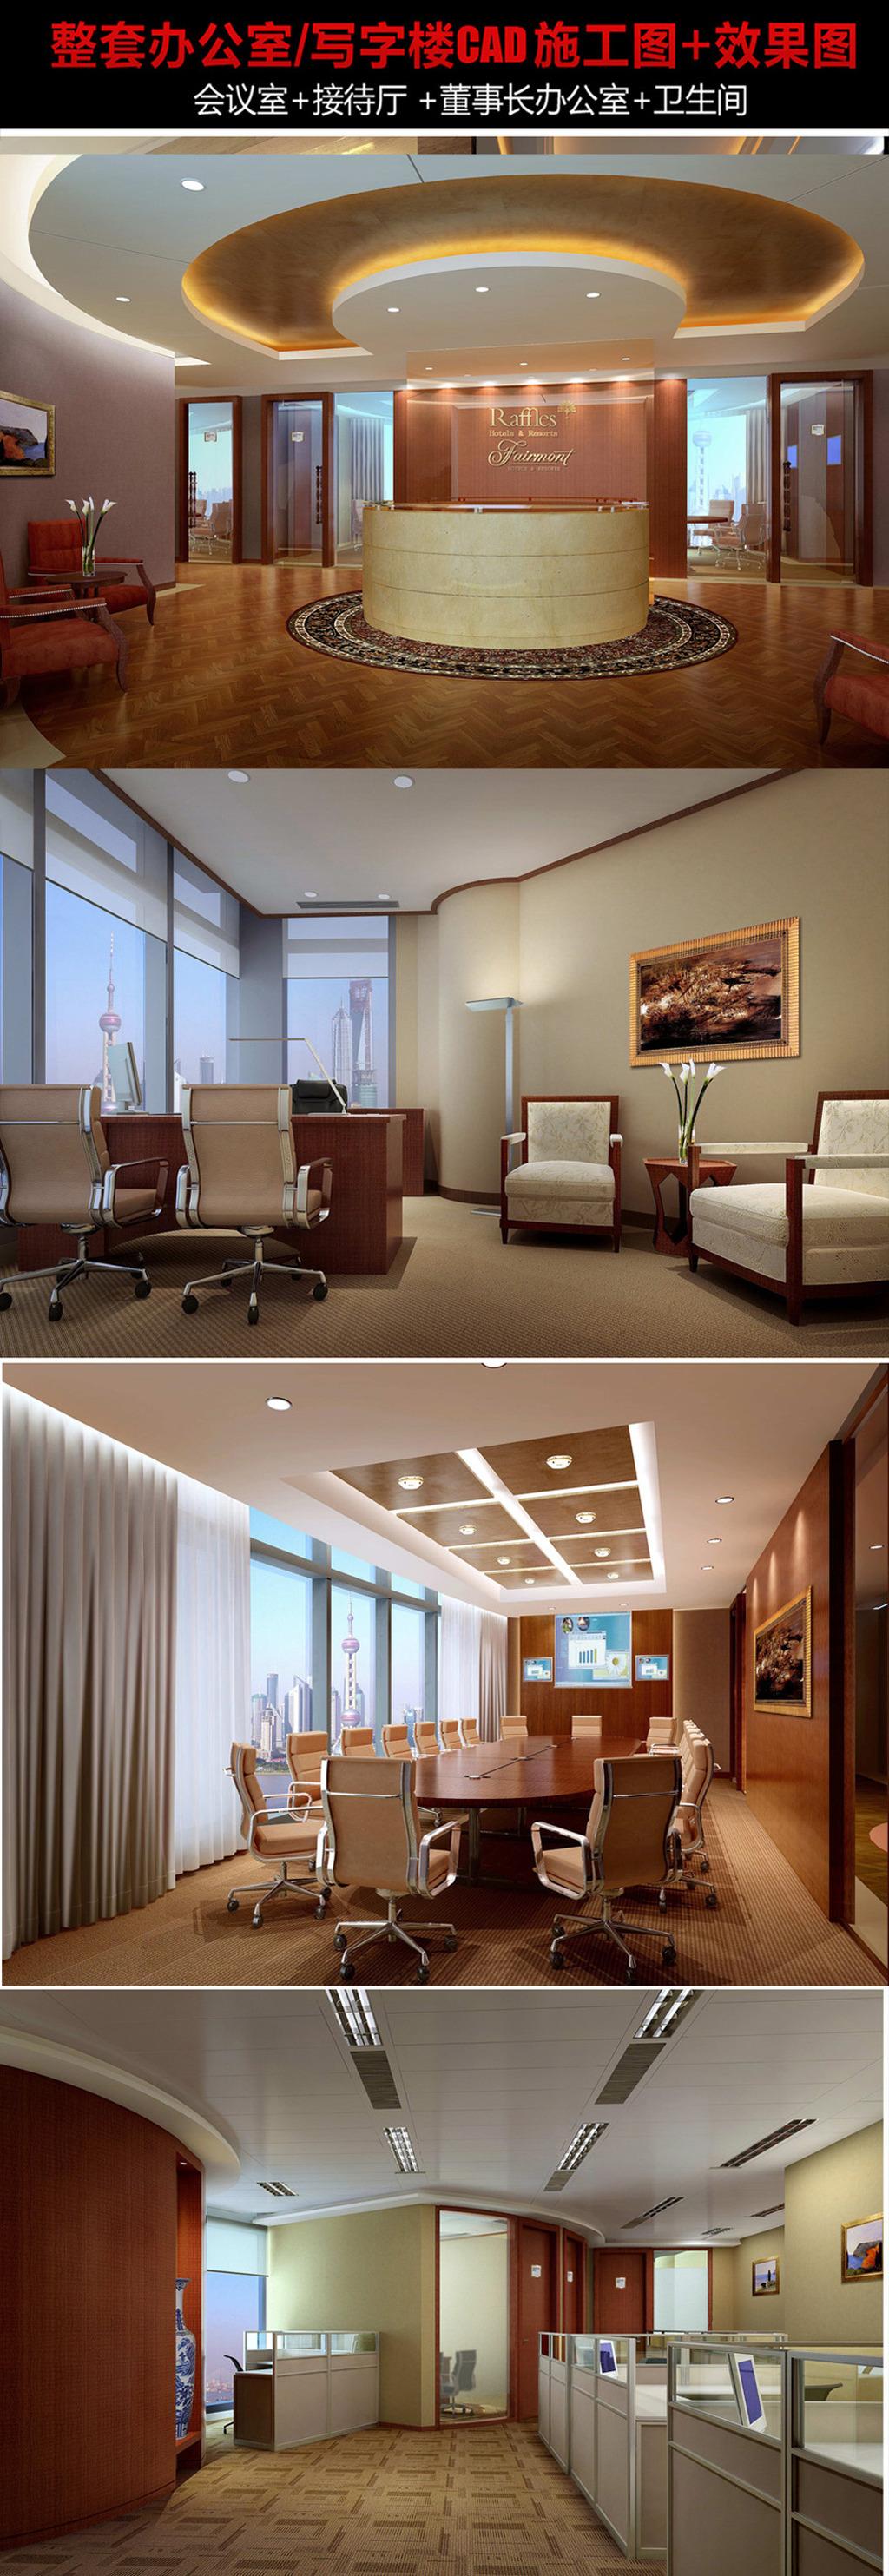 办公空间设计整套cad施工图带效果图模板下载(图片:)